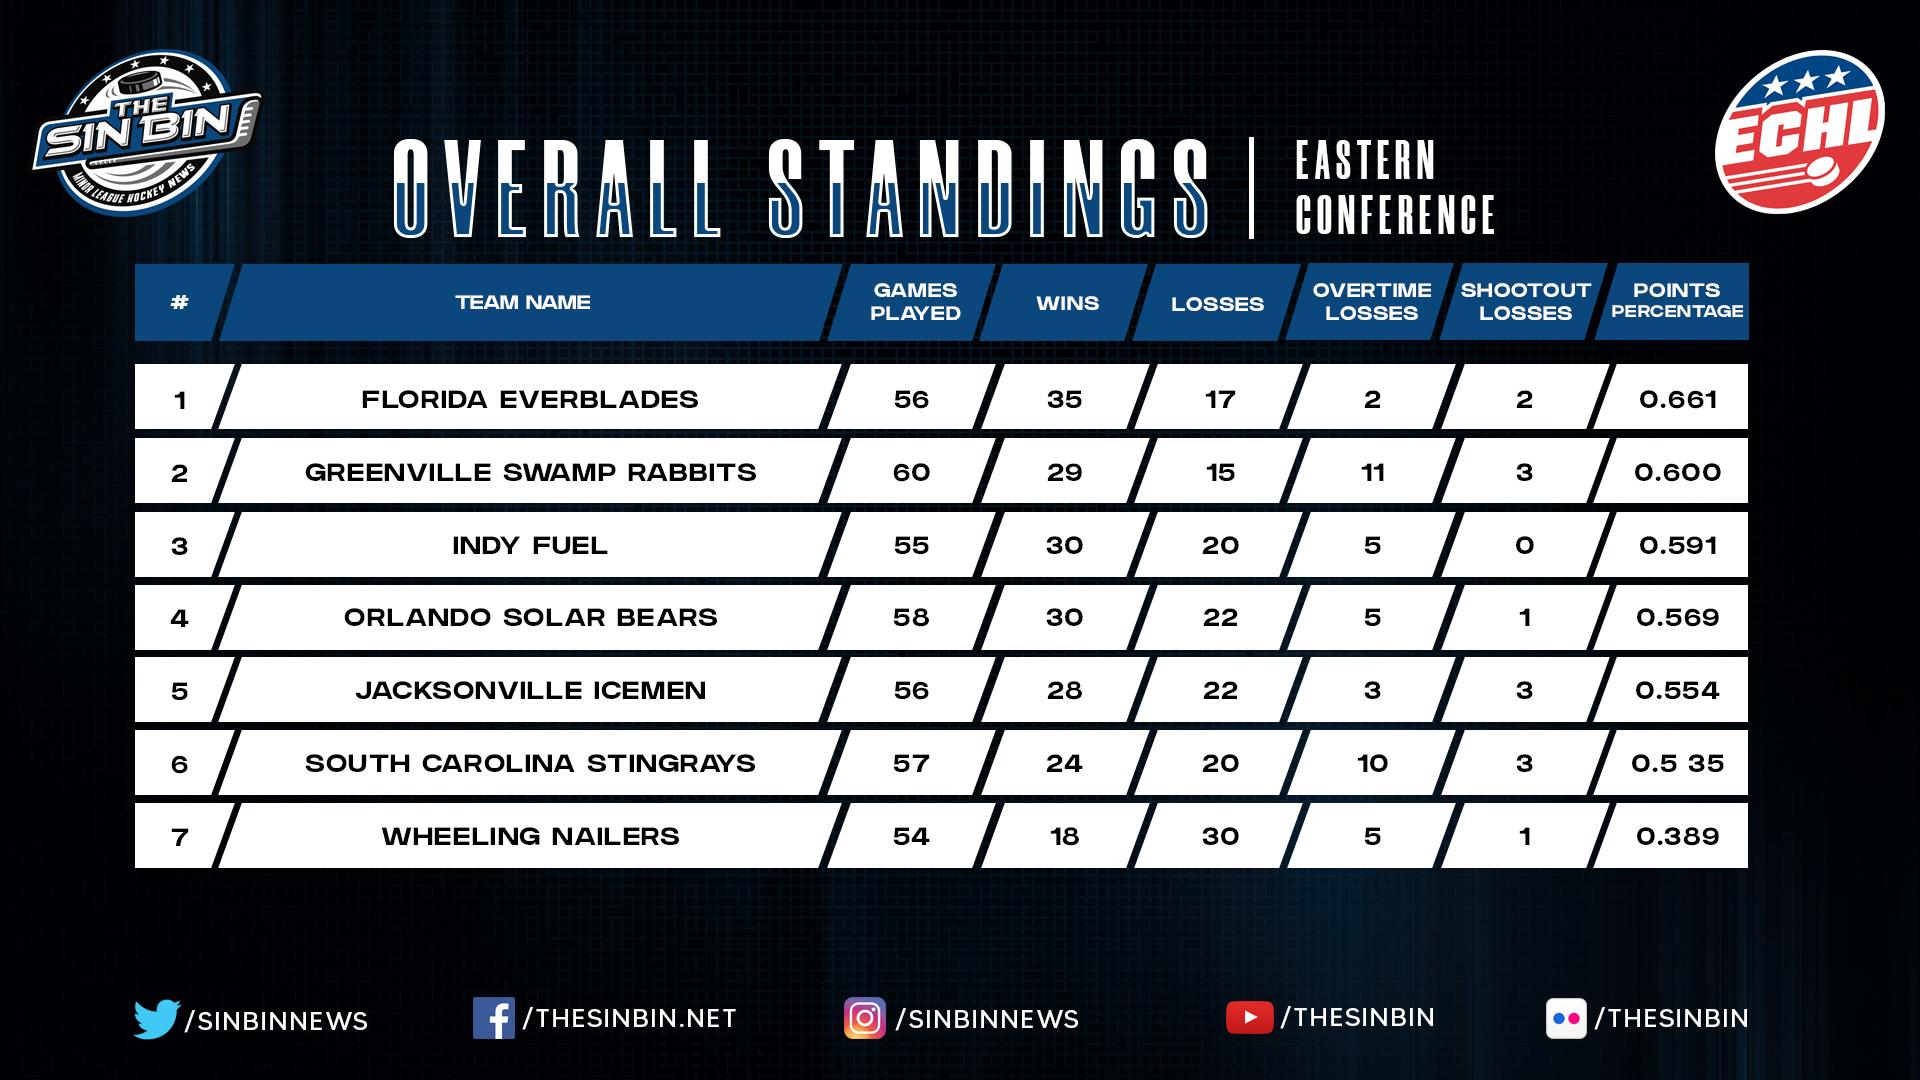 East_Standings_5-11-21